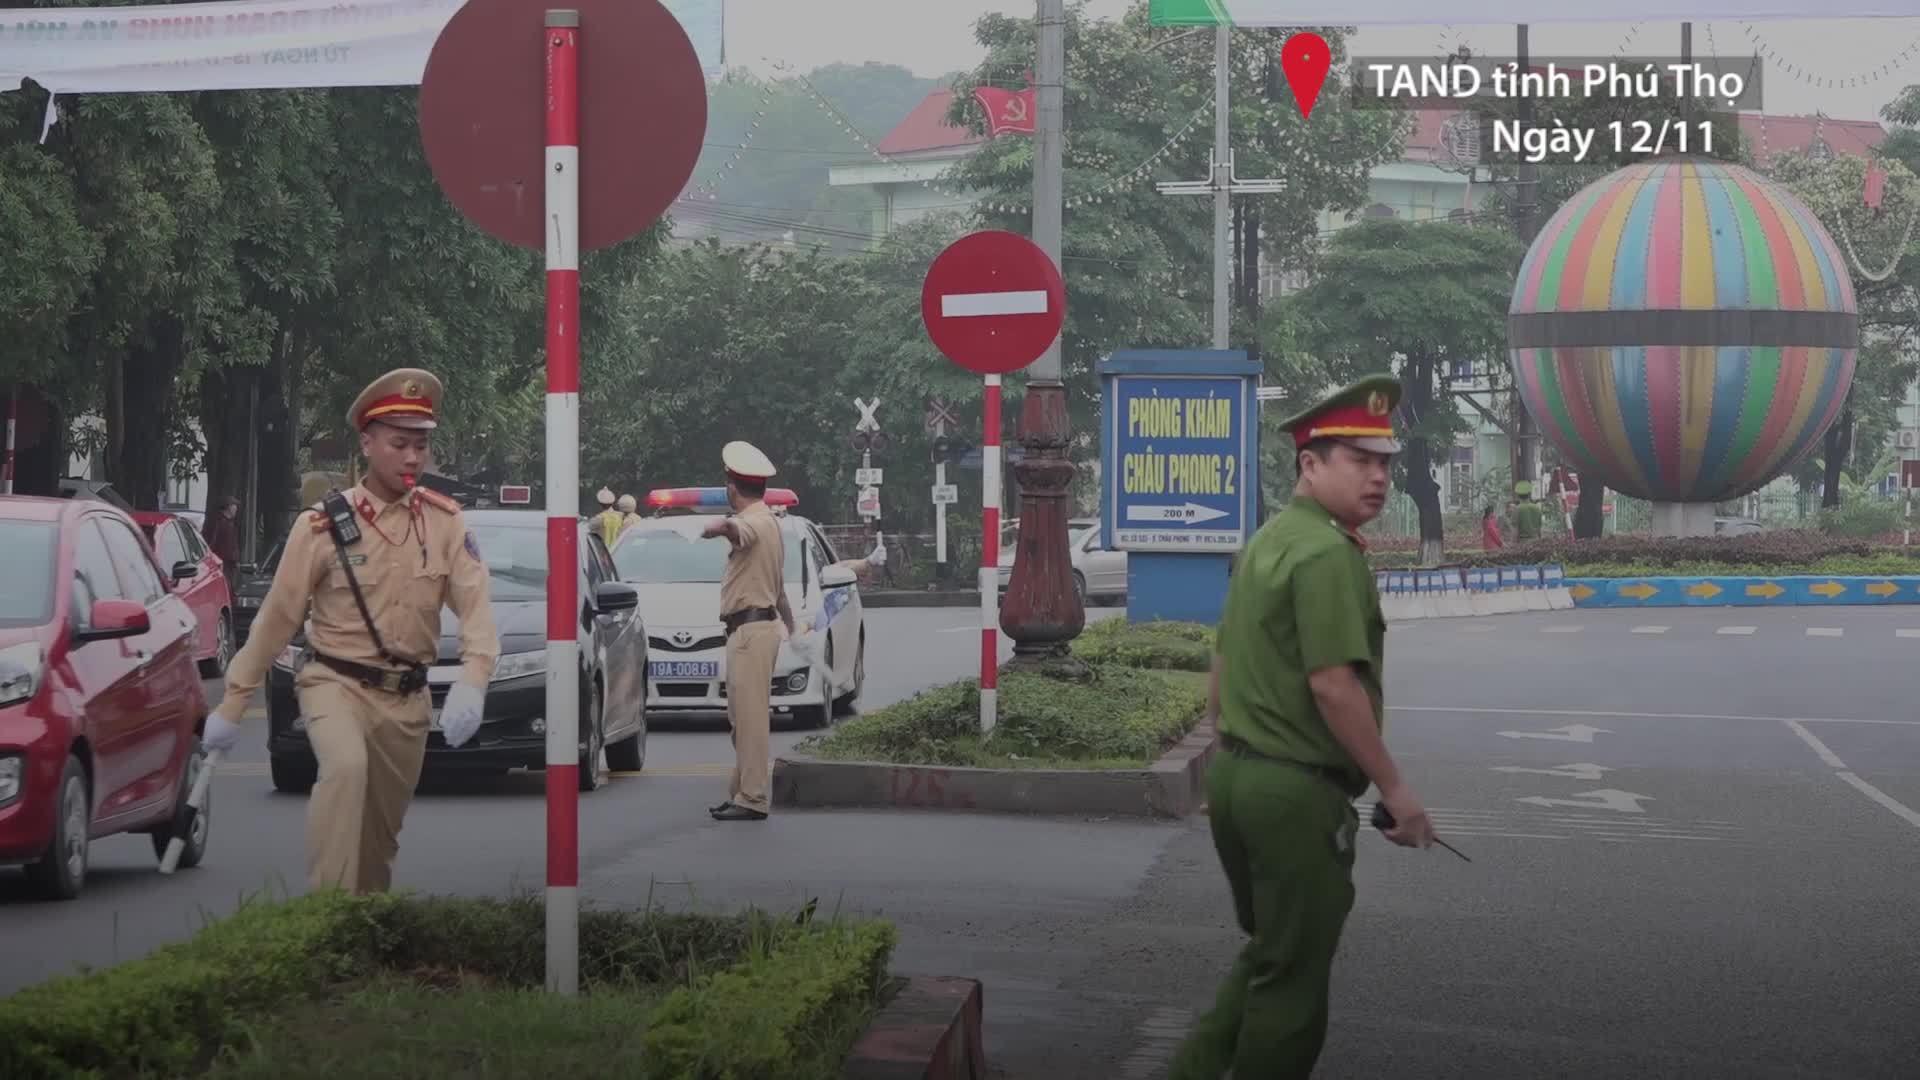 Xét xử đường dây đánh bạc nghìn tỷ: Đoàn xe chở cựu tướng công an và 91 bị cáo đến hầu tòa